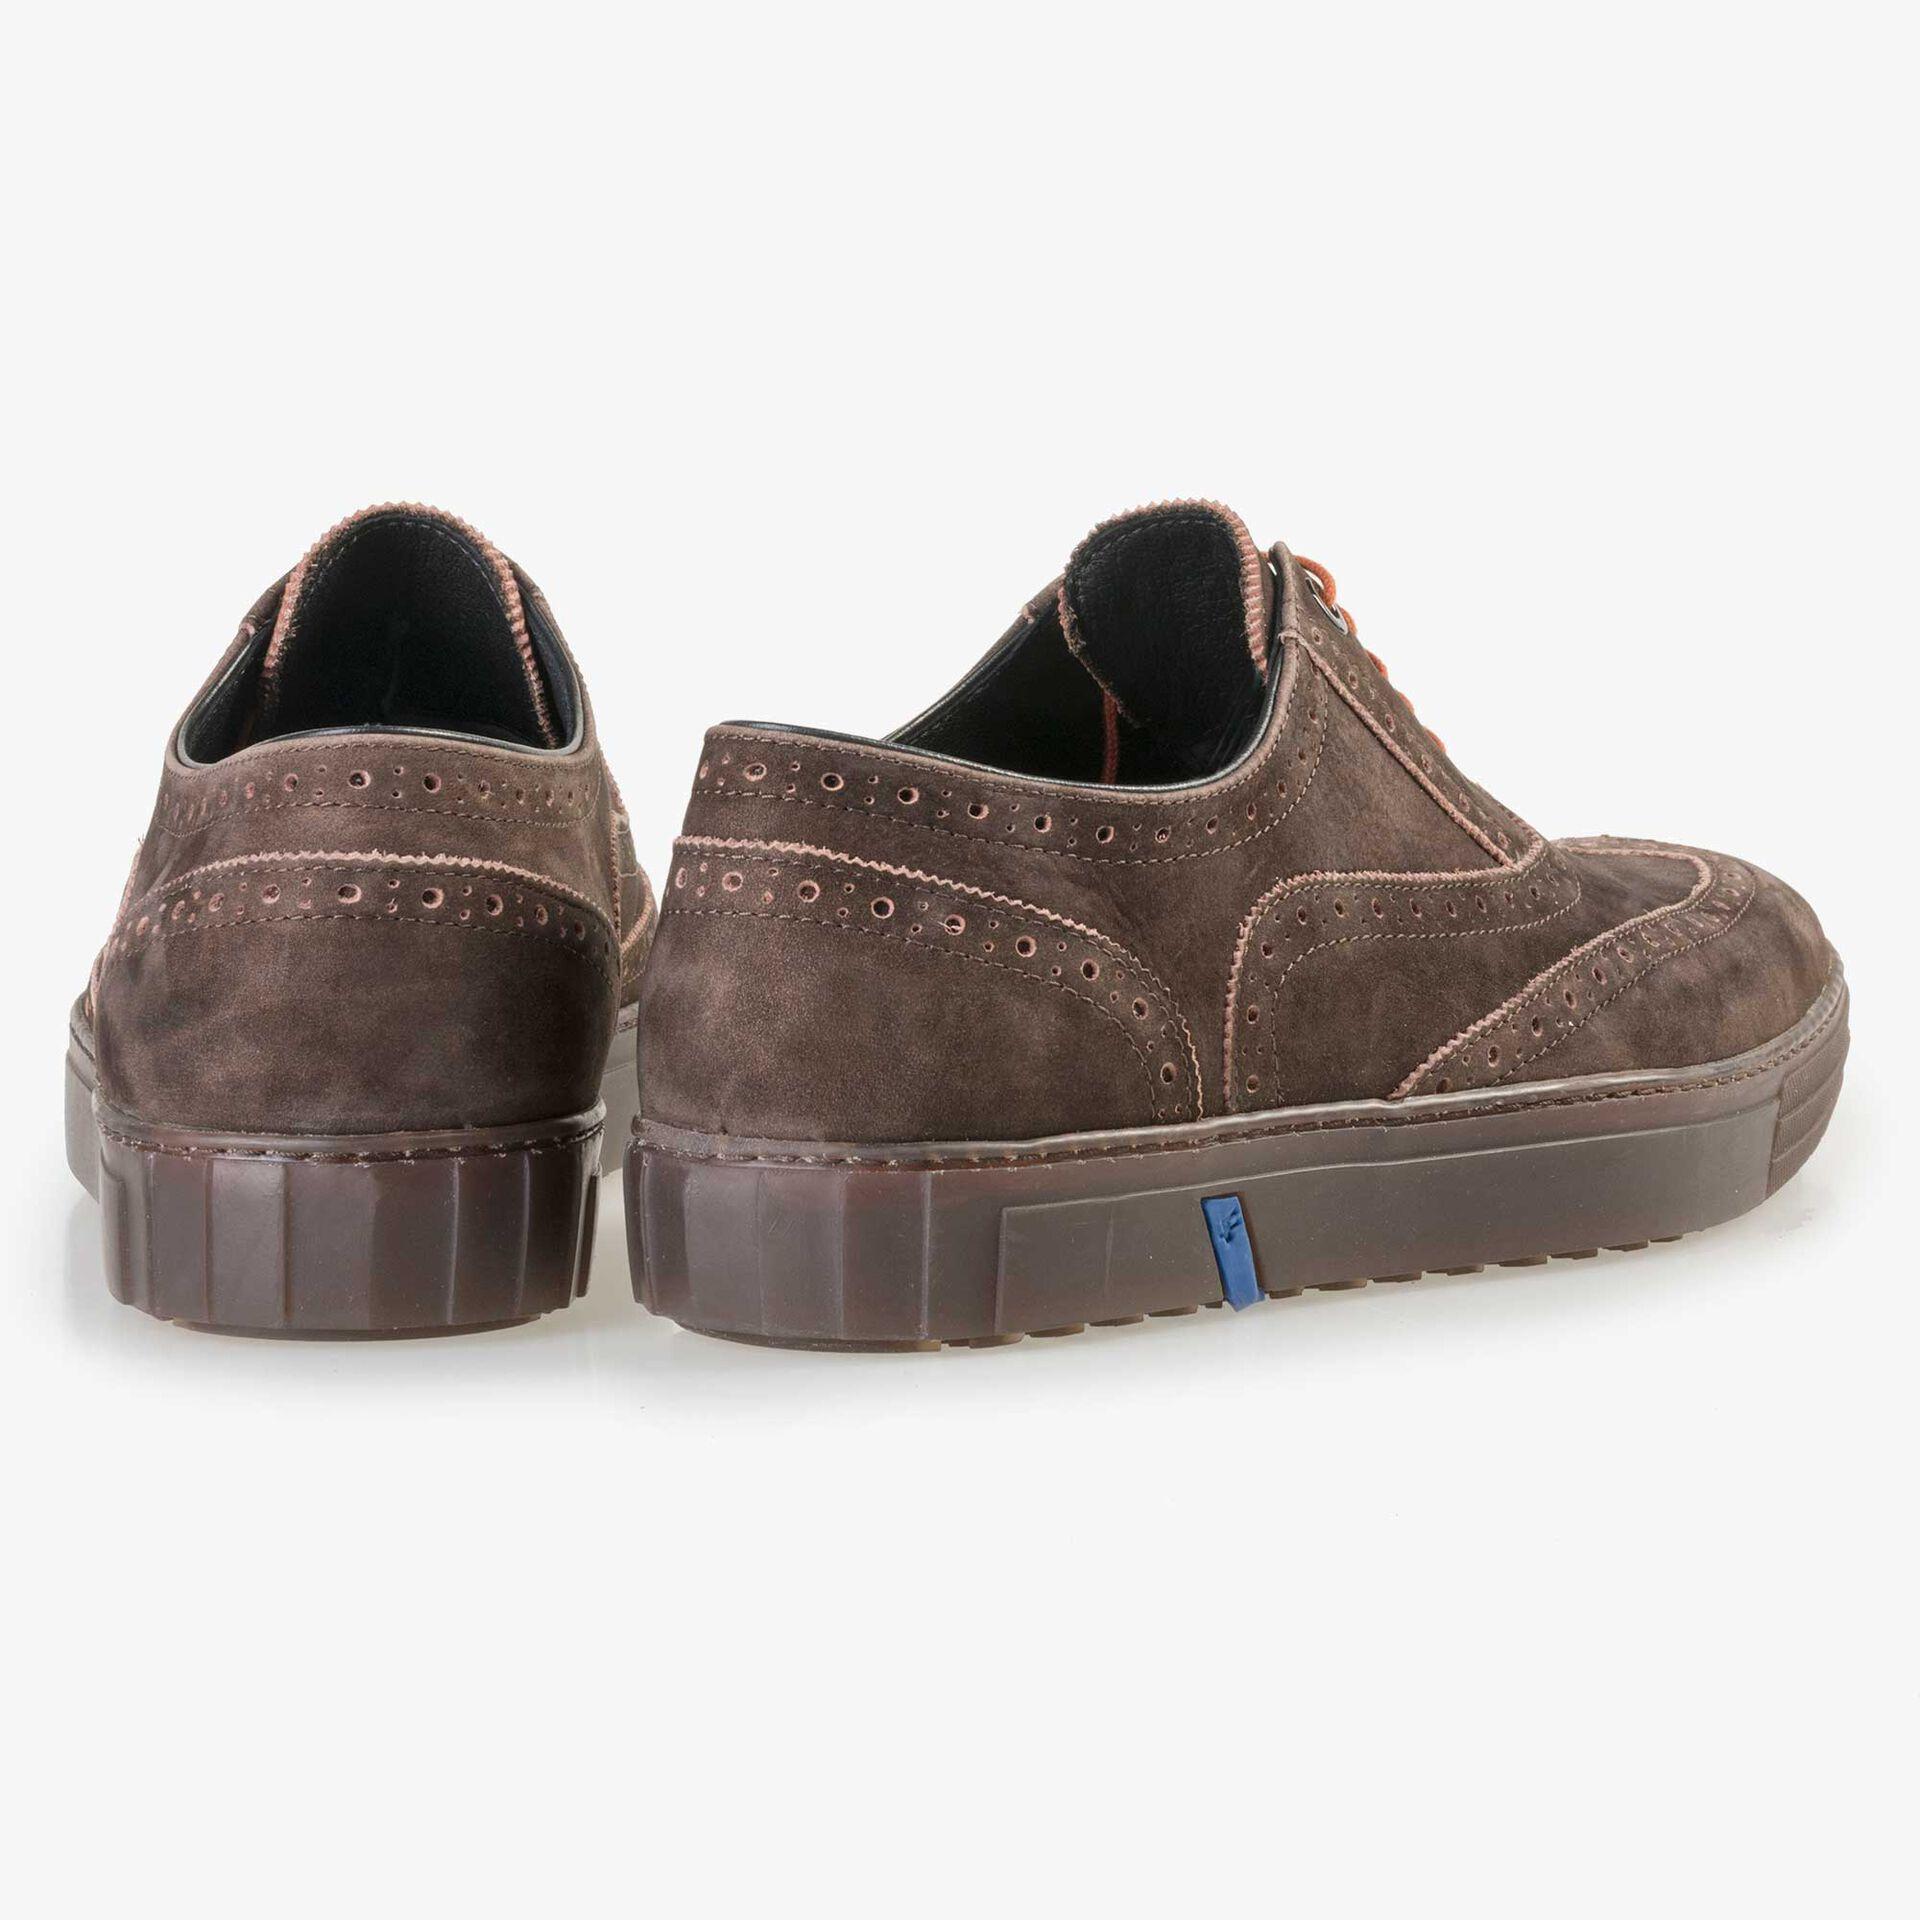 Floris van Bommel bruine nubuckleren heren brogue sneaker